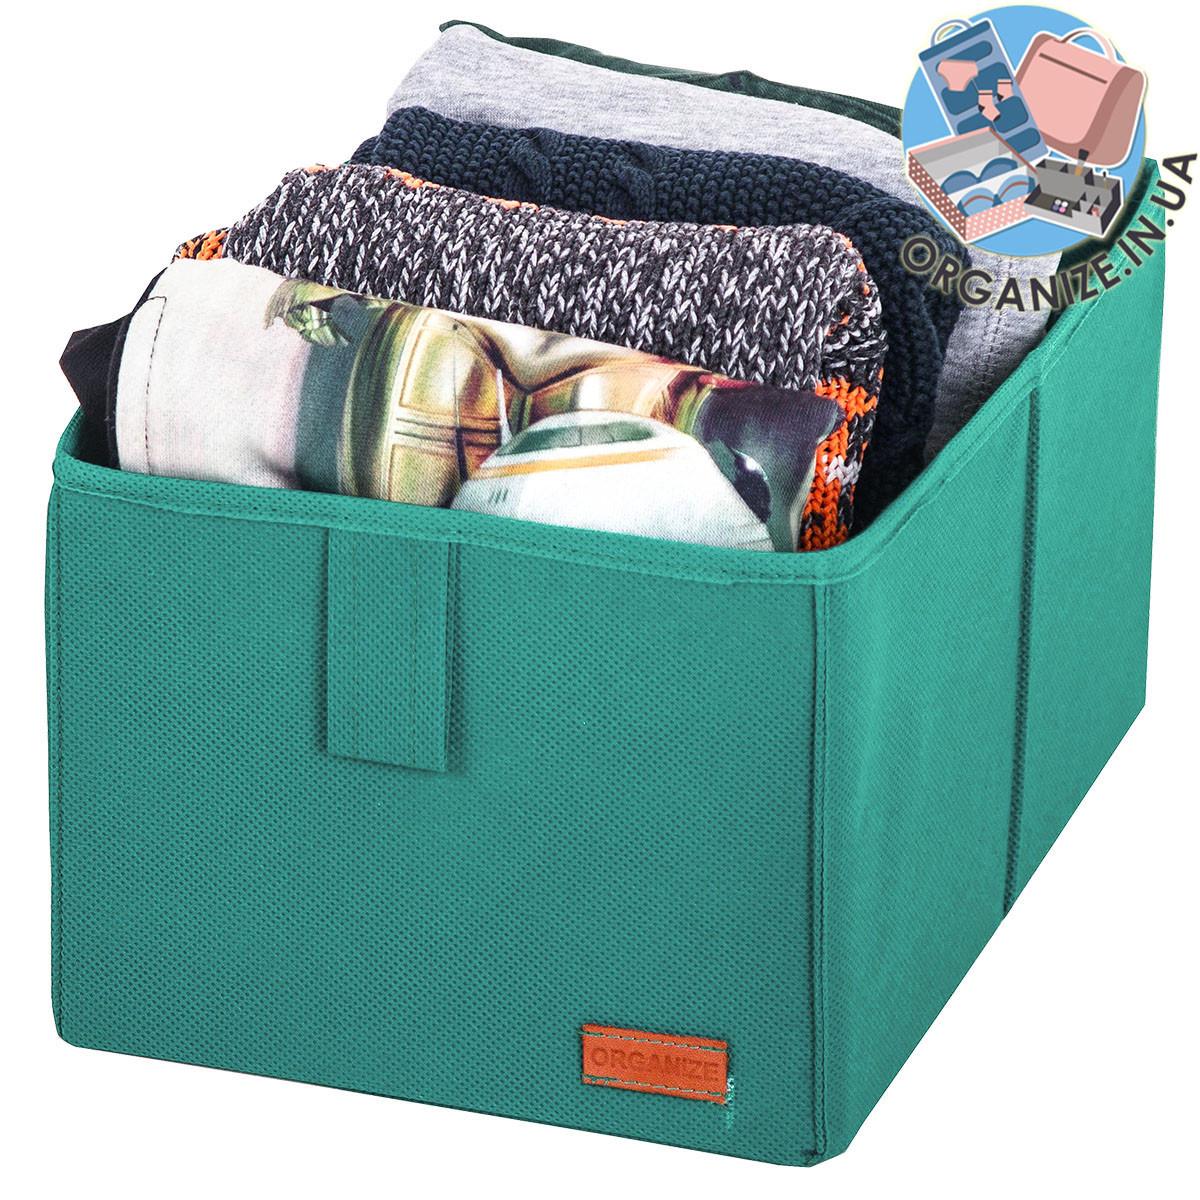 Органайзер в шкаф для хранения вещей M (лазурь)